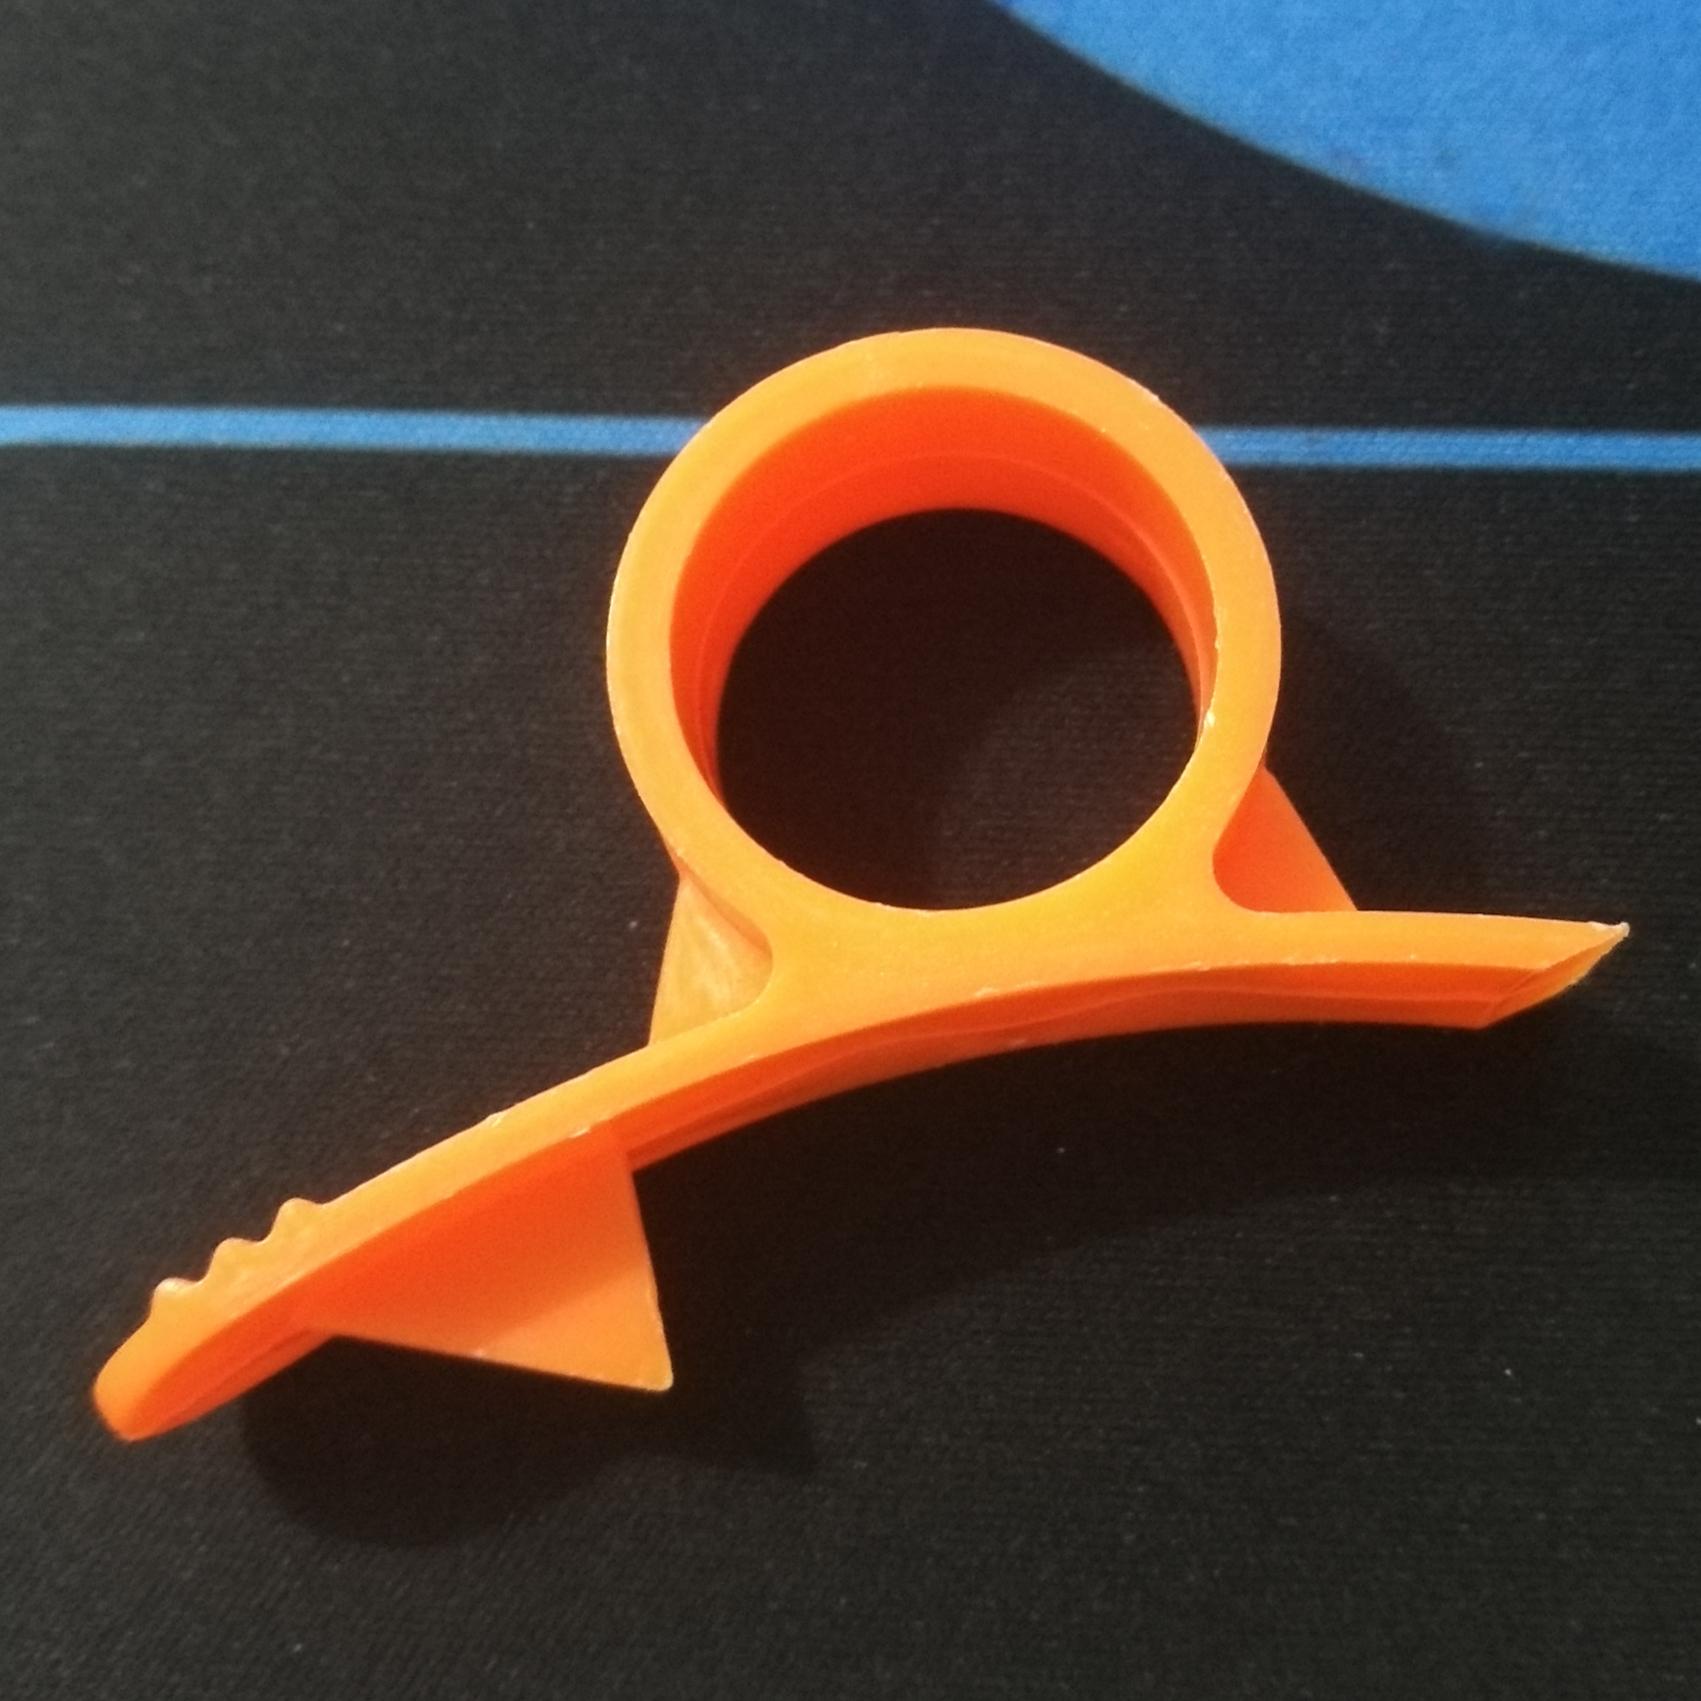 水果剥橙器指环剥橙器 老鼠剥橙器 中国馆剥橙 剥柚器 可定logo